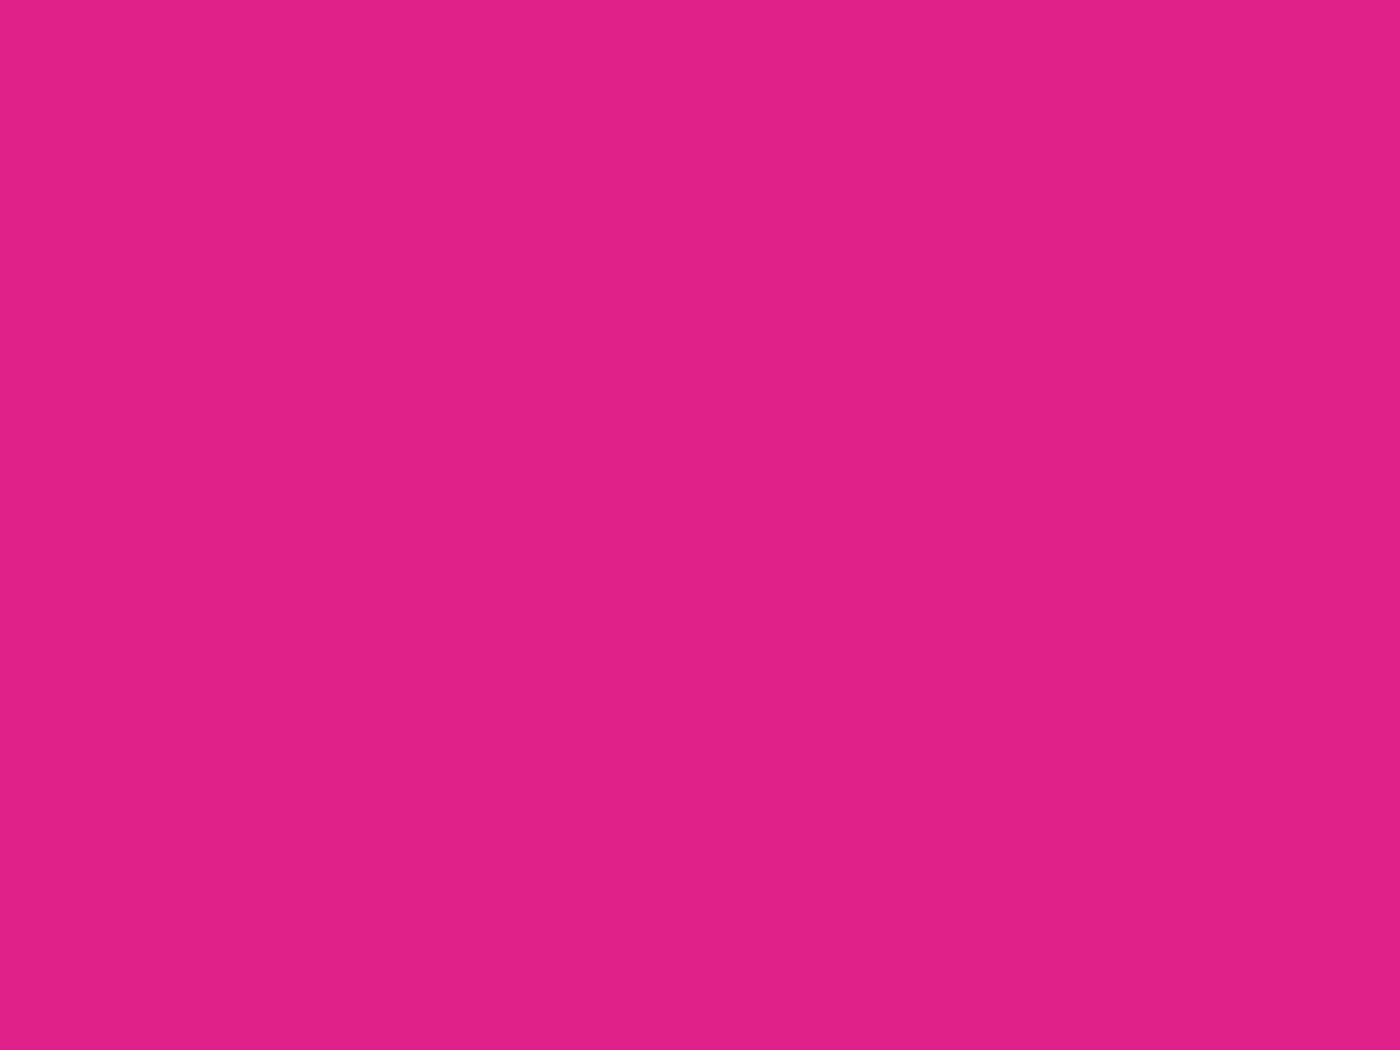 barbie pink solid color background